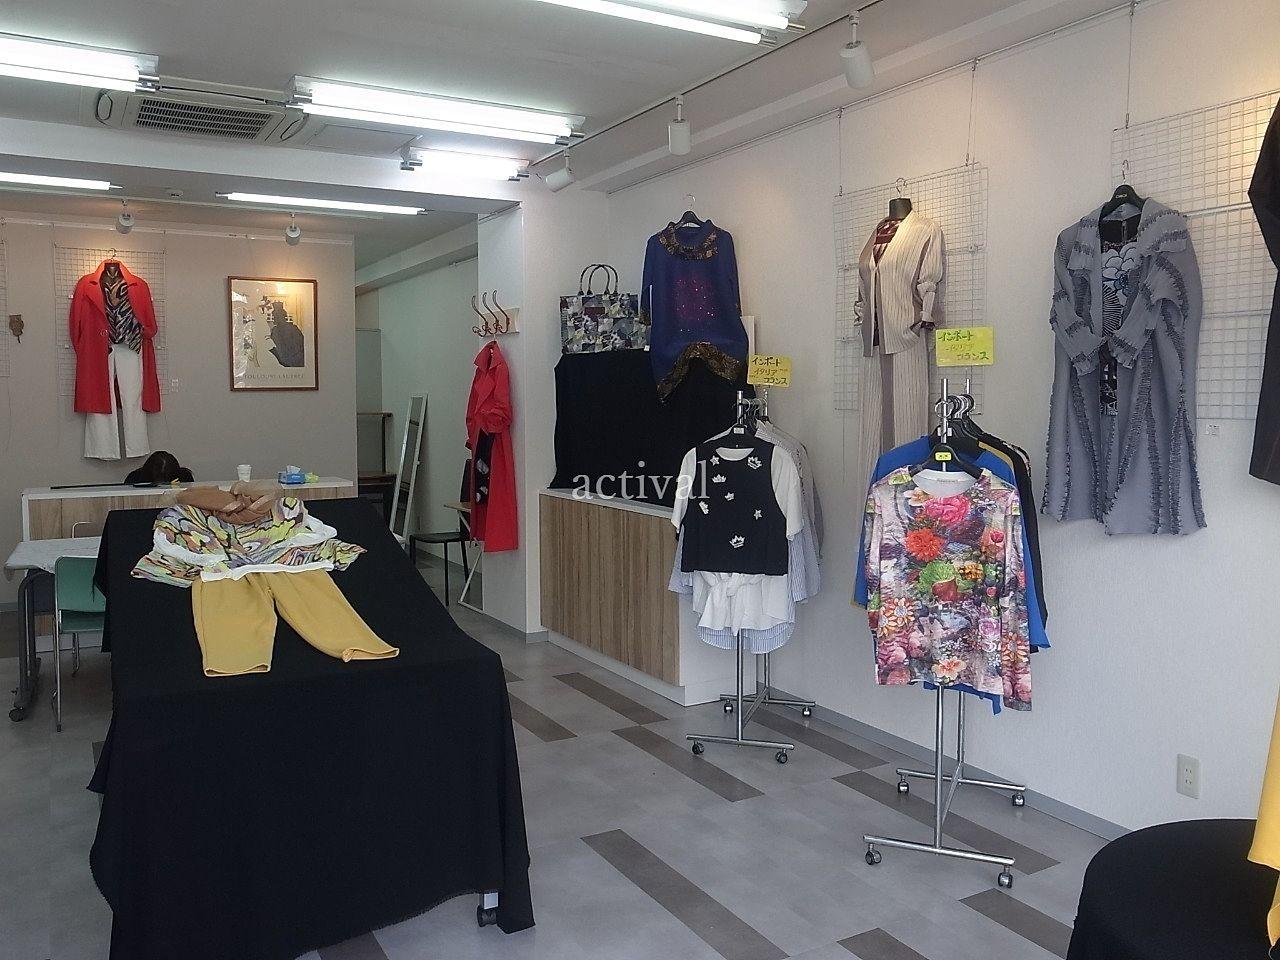 ア・ス・ヴェルデ「週貸店舗」で定期的に出店しているインポート婦人服販売です。